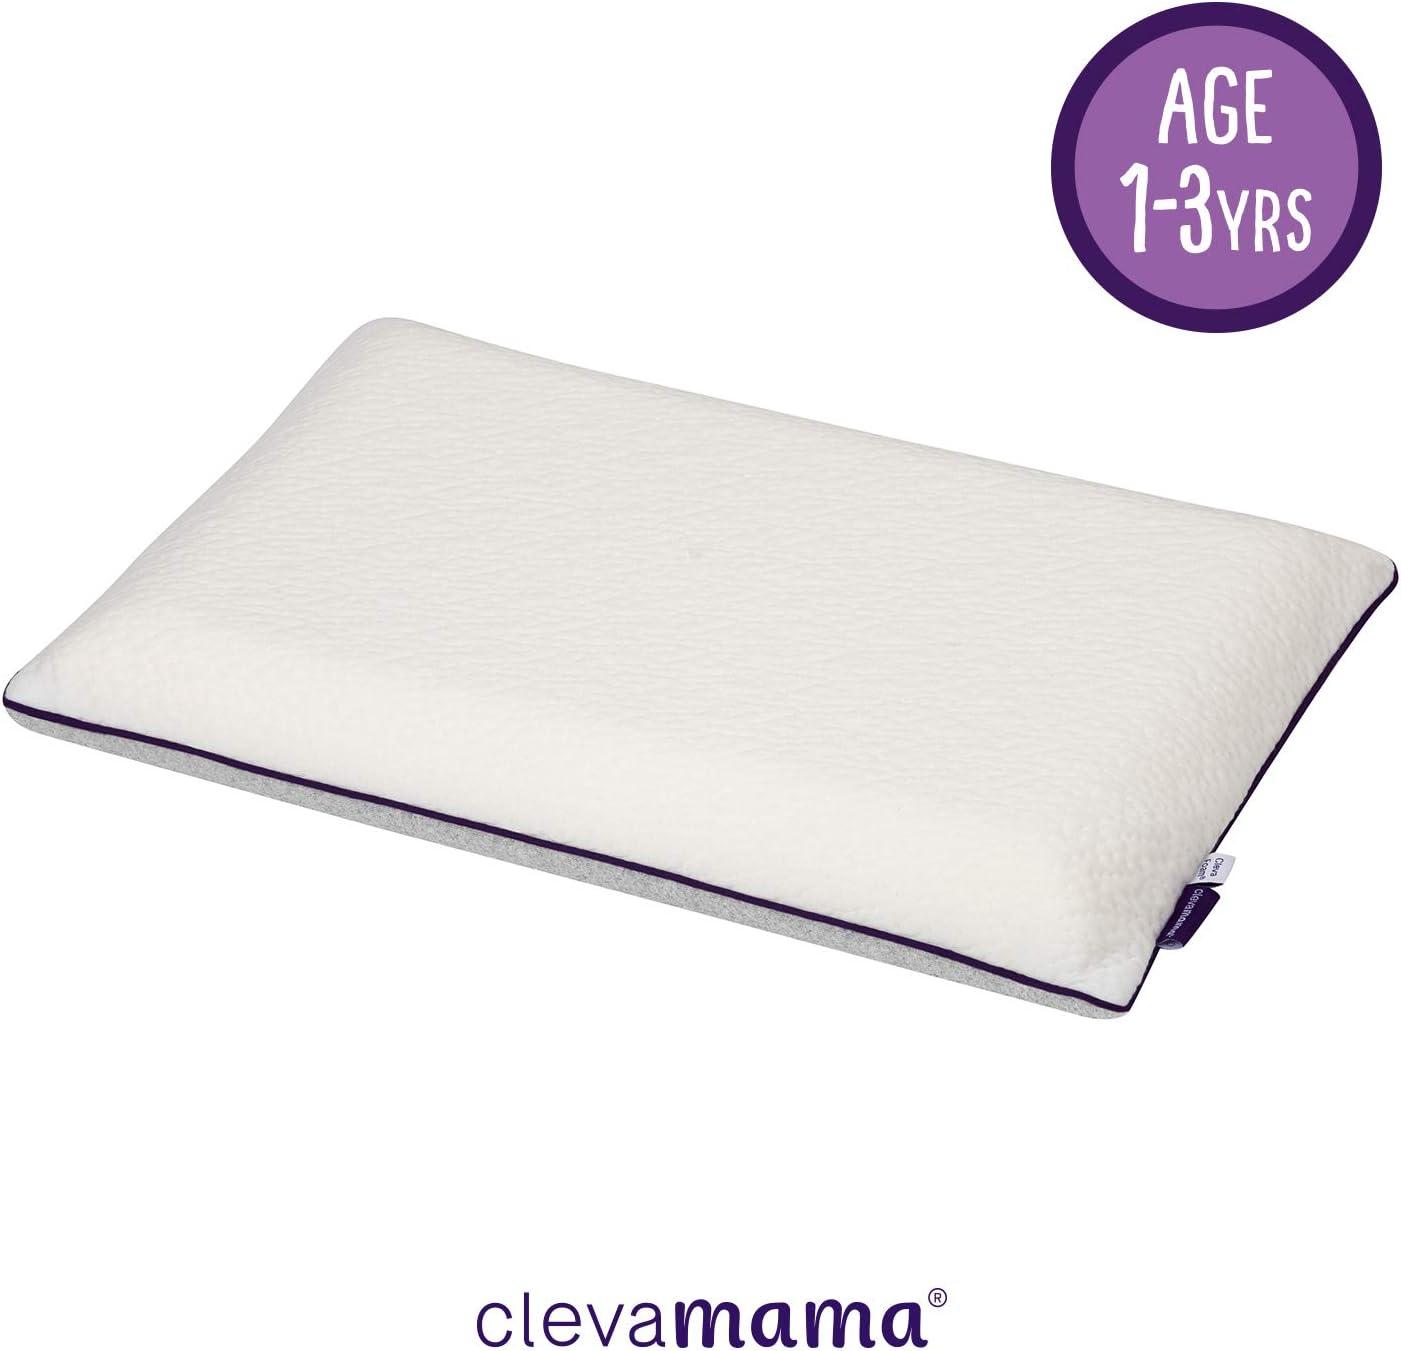 ClevaMama Almohada para niños con ClevaFoam, transpirable y antialérgica, ayuda a la alineación correcta de la columna vertebral, para niños de 1 - 2 - 3 año cm